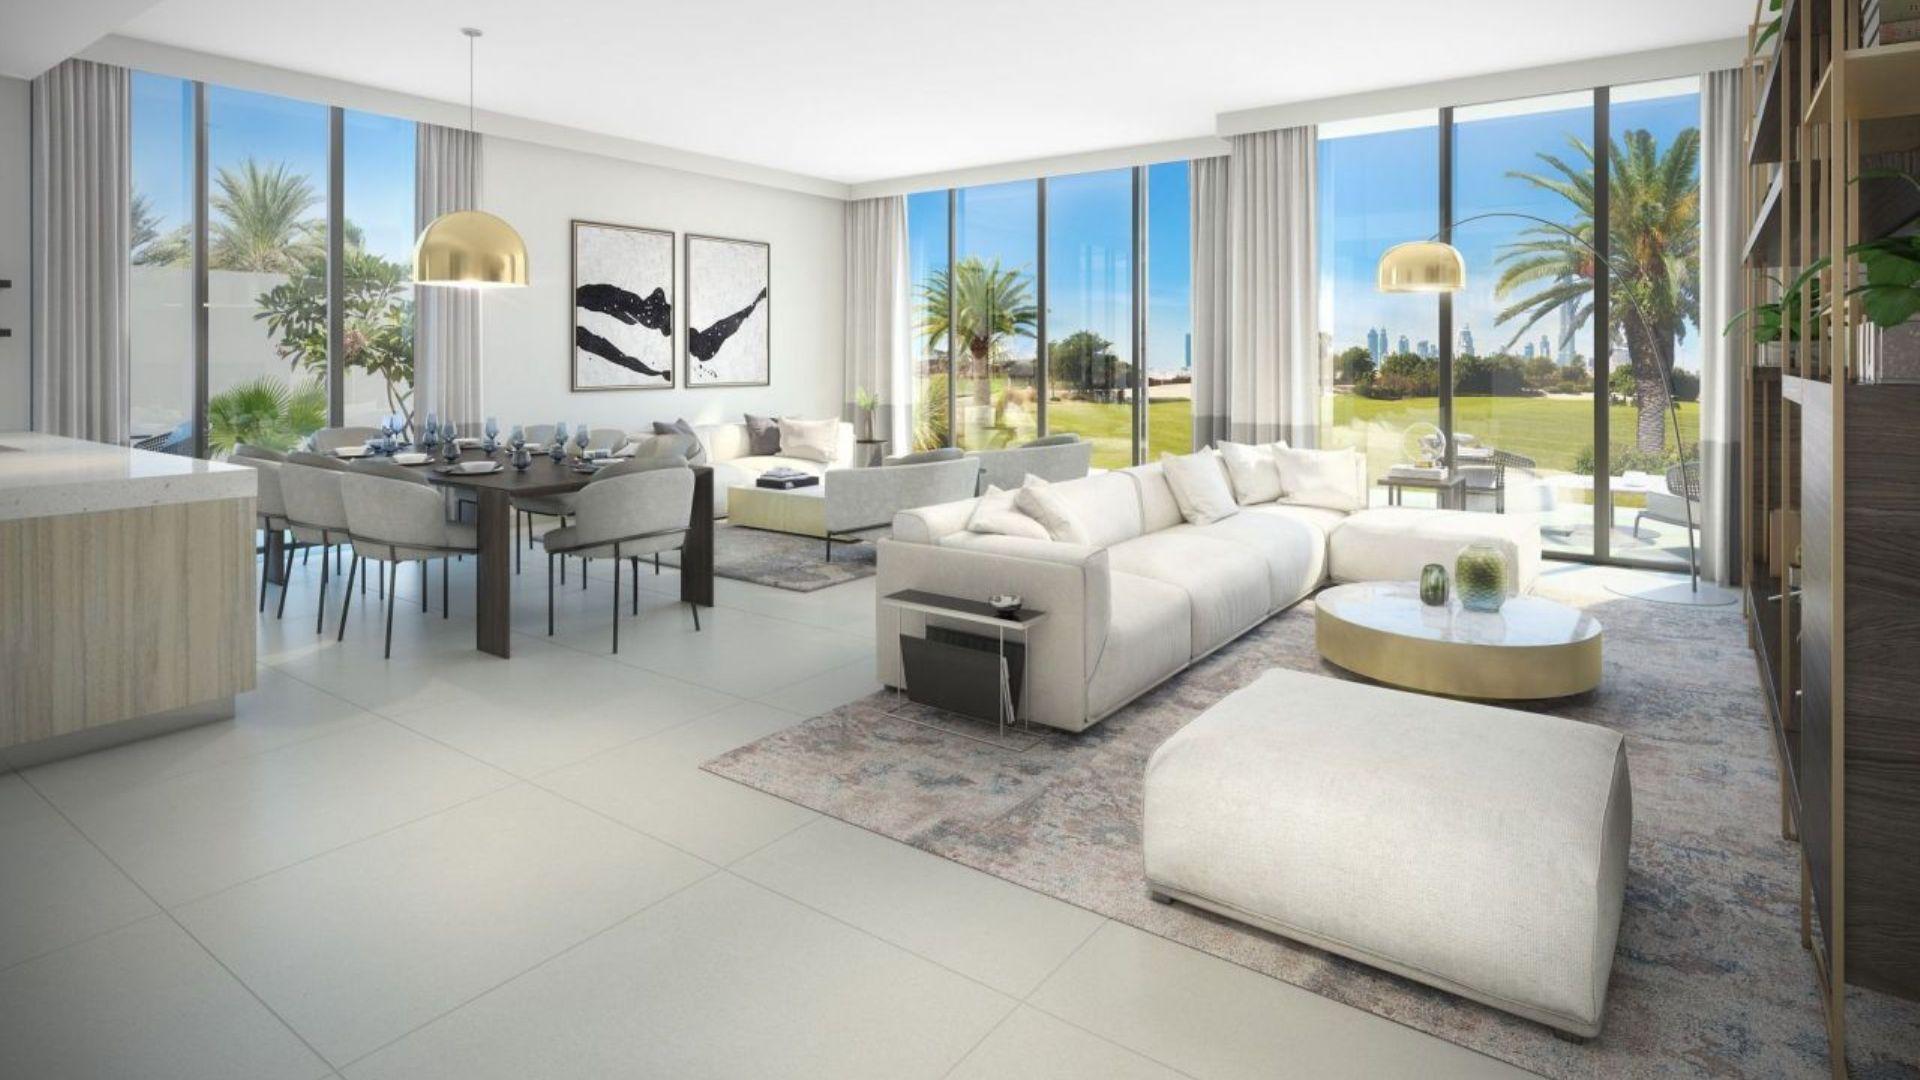 Villa en venta en Dubai, EAU, 4 dormitorios, 313 m2, № 24144 – foto 1